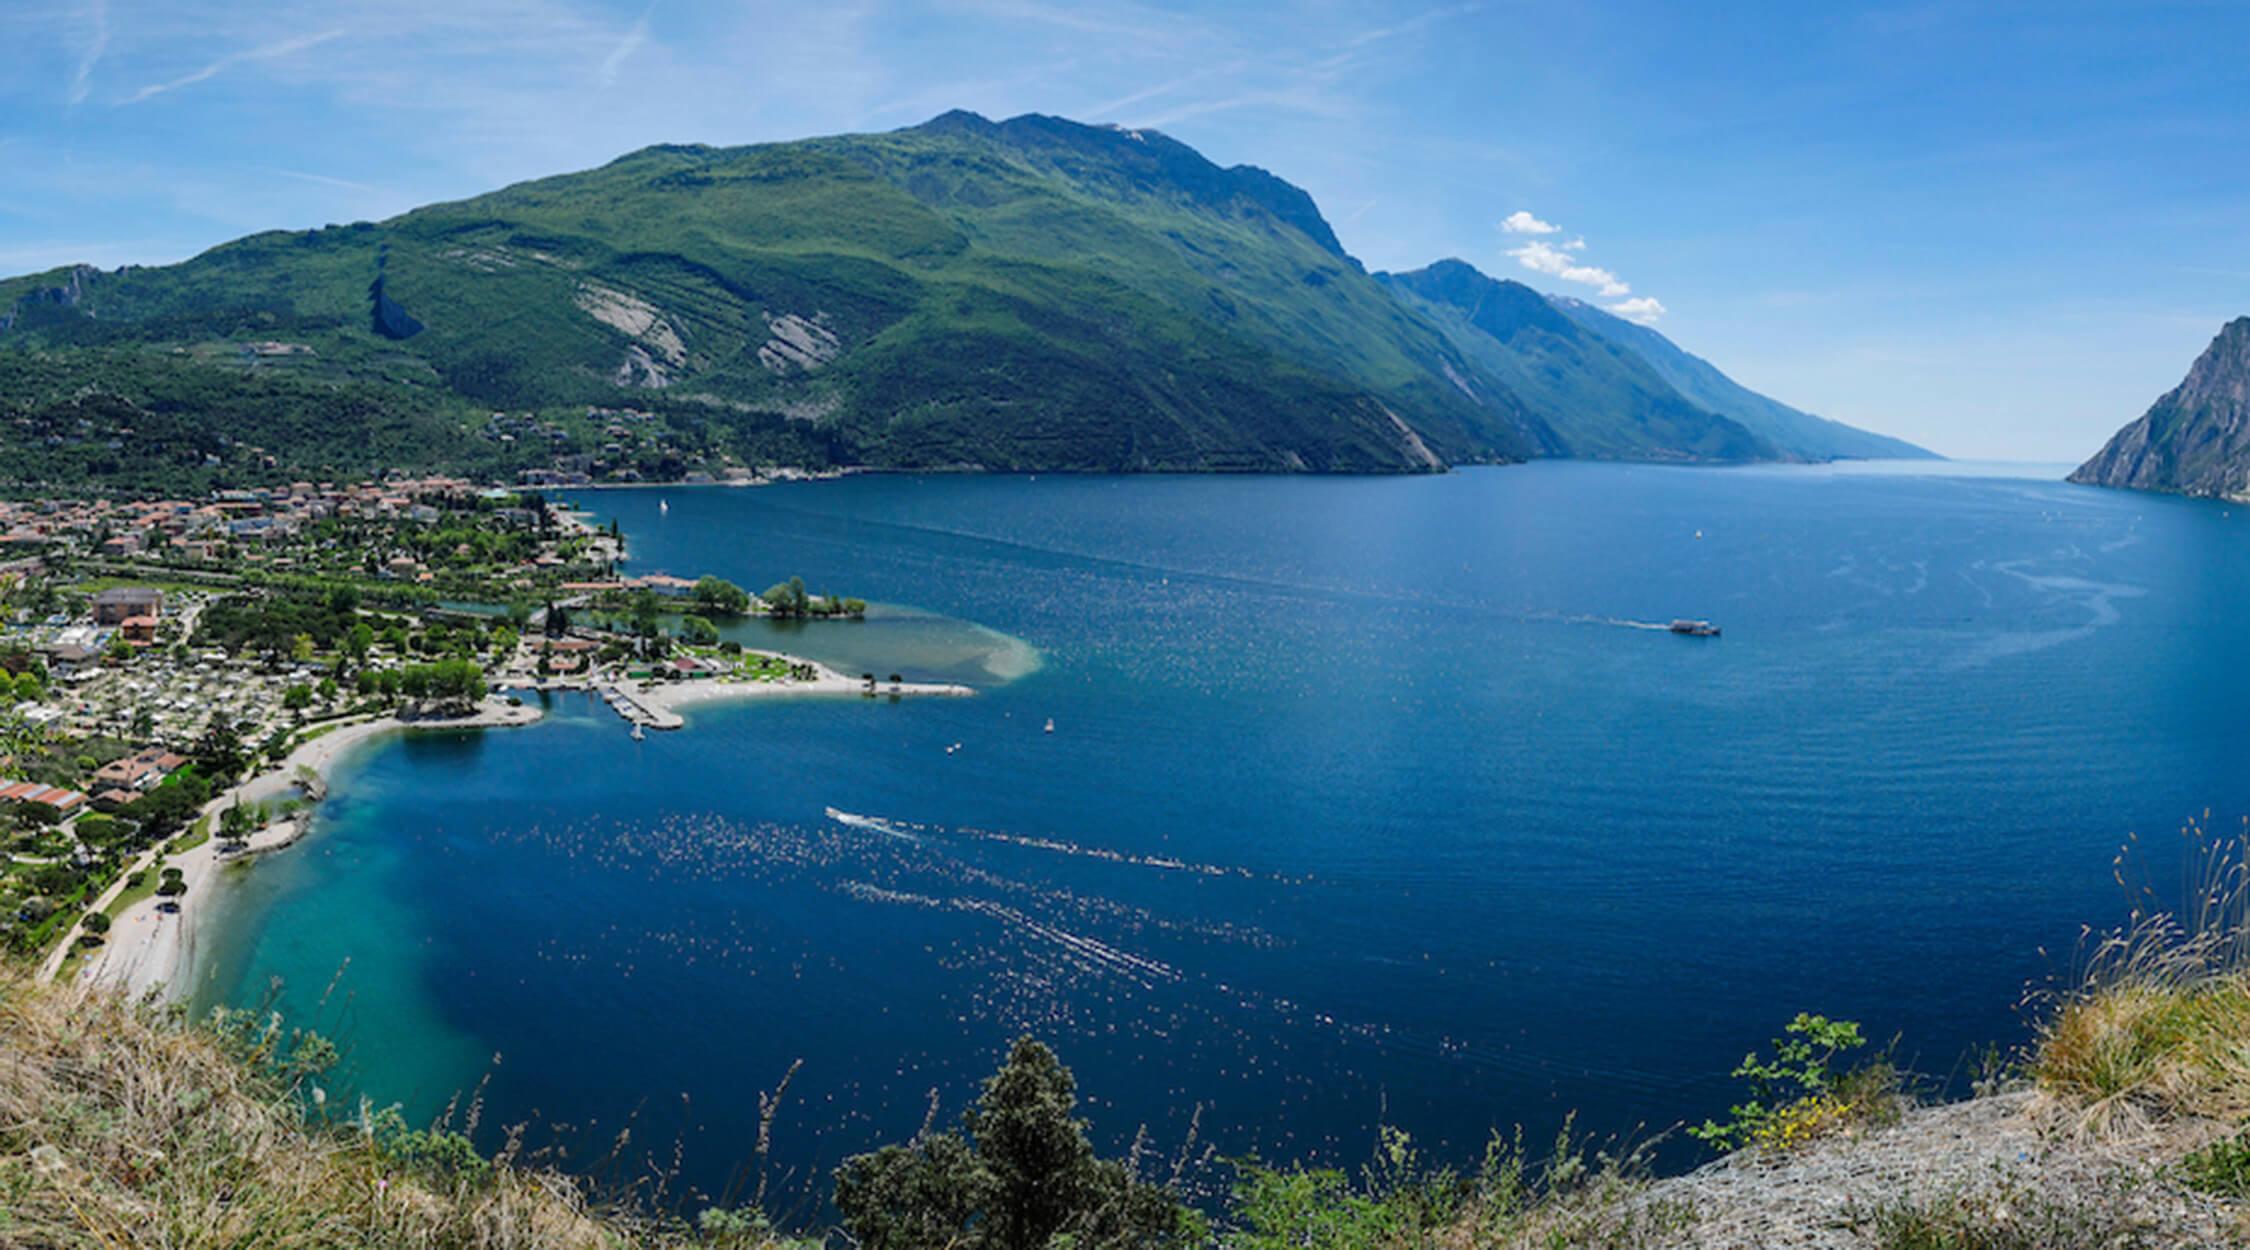 Percorso I Forti del Monte Brione - Riva del Garda myTrentina 001